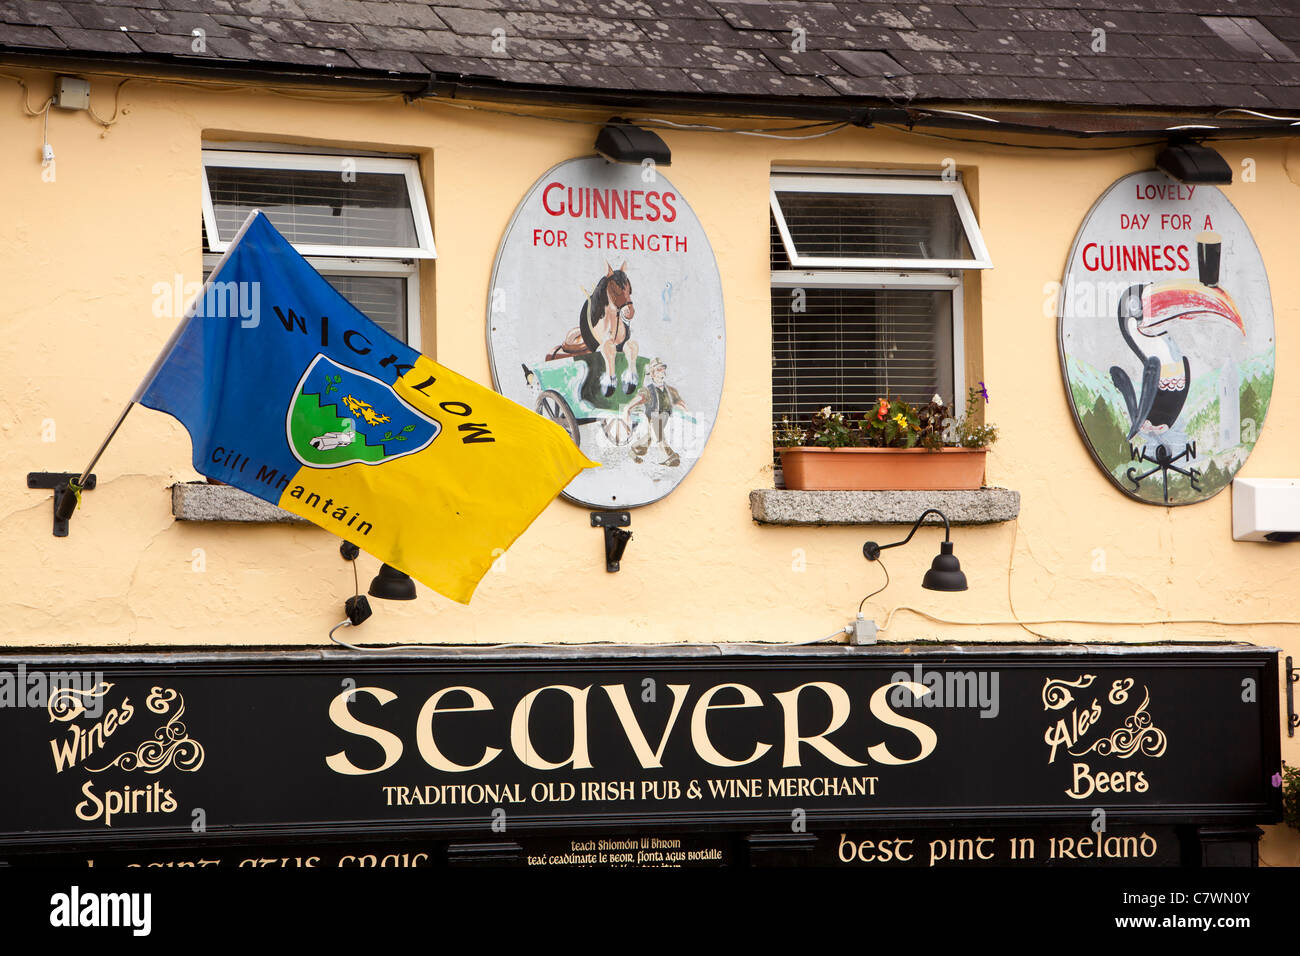 Irish Pub Stock Photos & Irish Pub Stock Images - Alamy